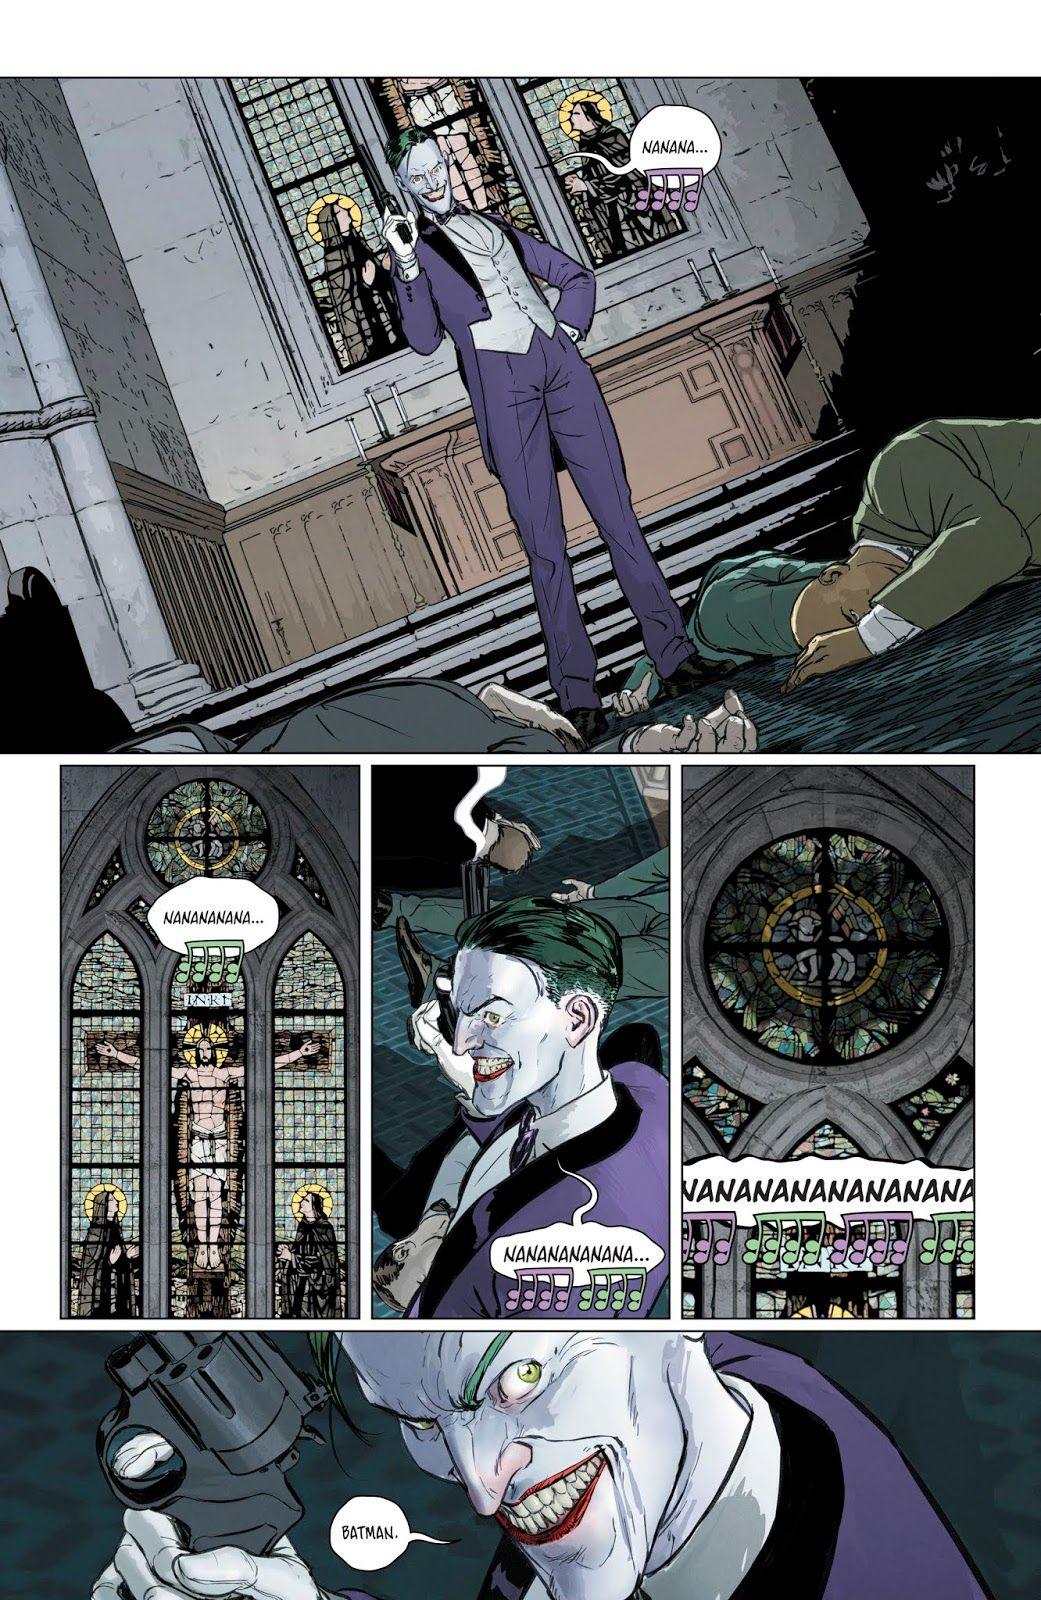 Batman 2016 Issue 48 Read Batman 2016 Issue 48 Comic